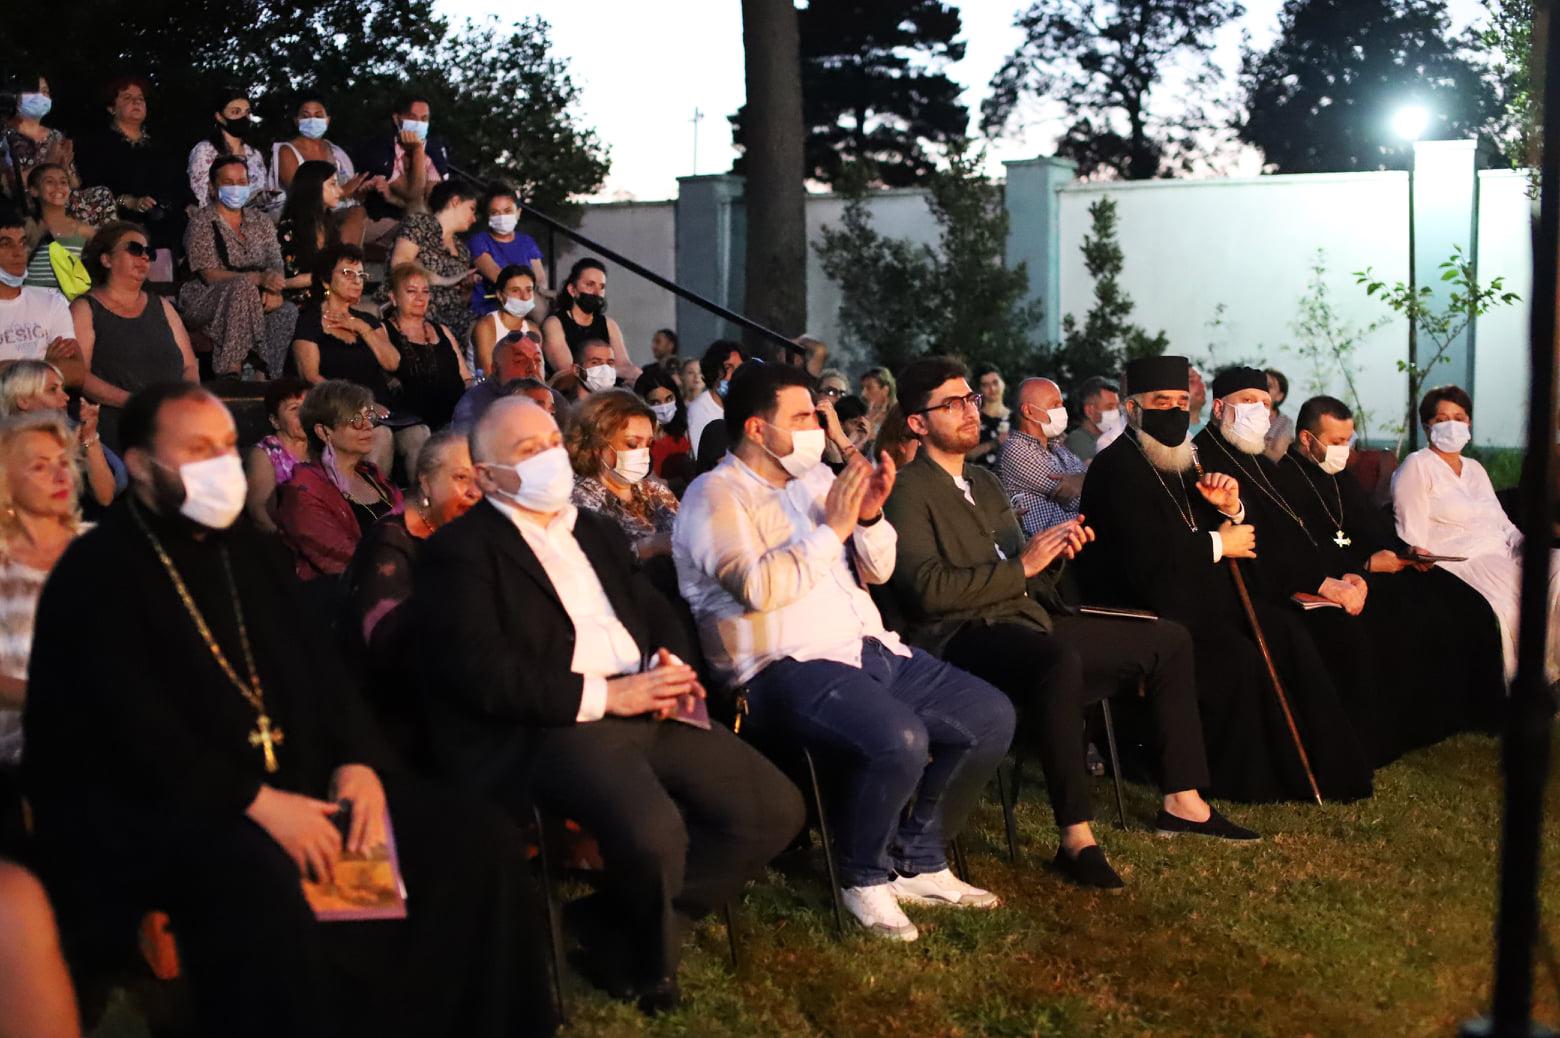 რეგიონული თეატრების საერთაშორისო ფესტივალის დახურვა